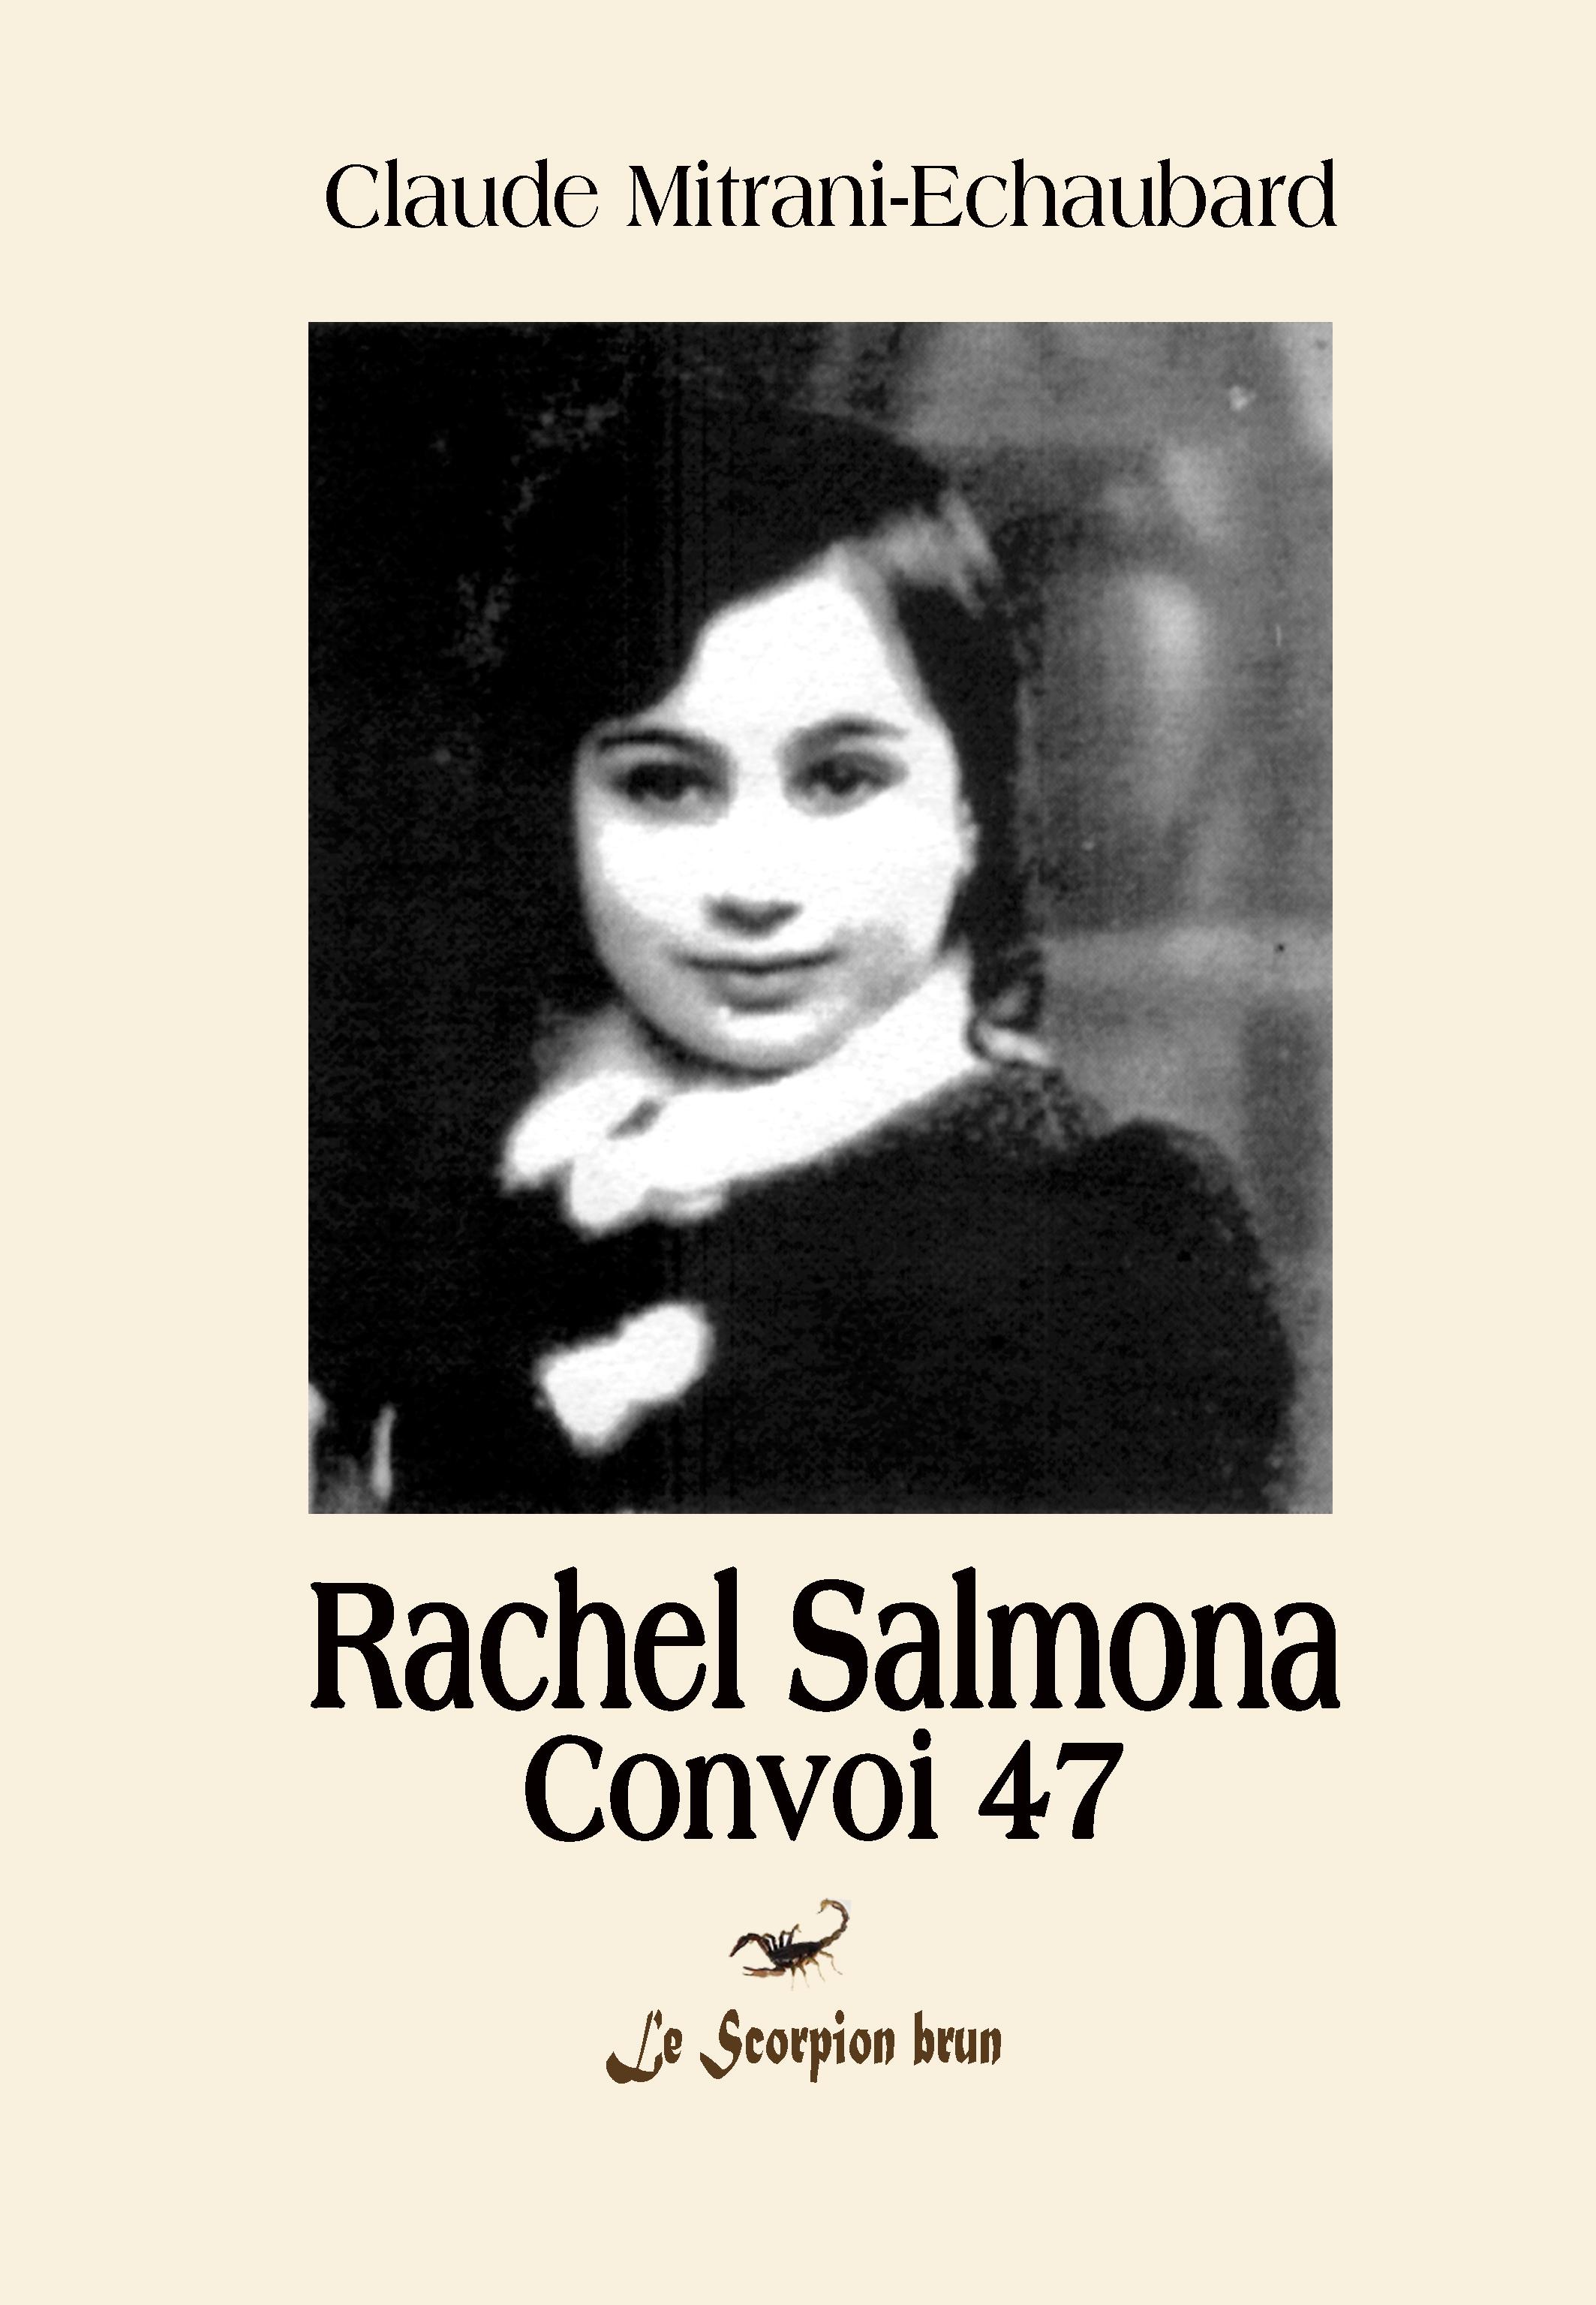 Rachel Salmona-Convoi 47